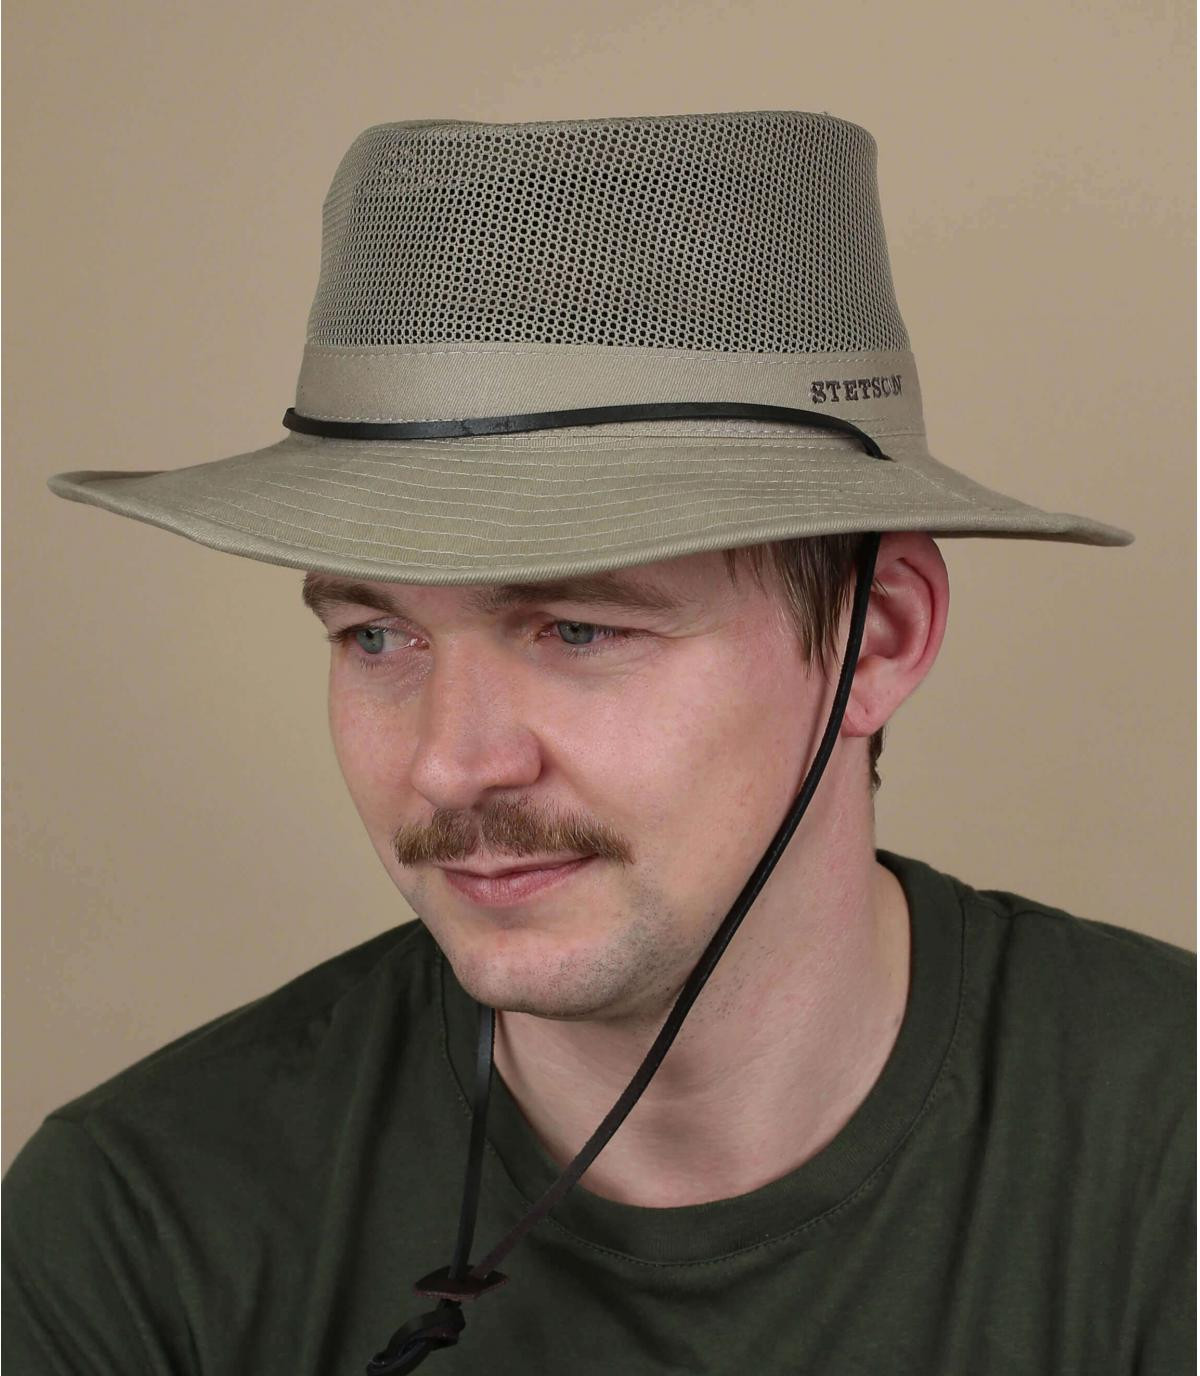 Cappello ventilato Stetson